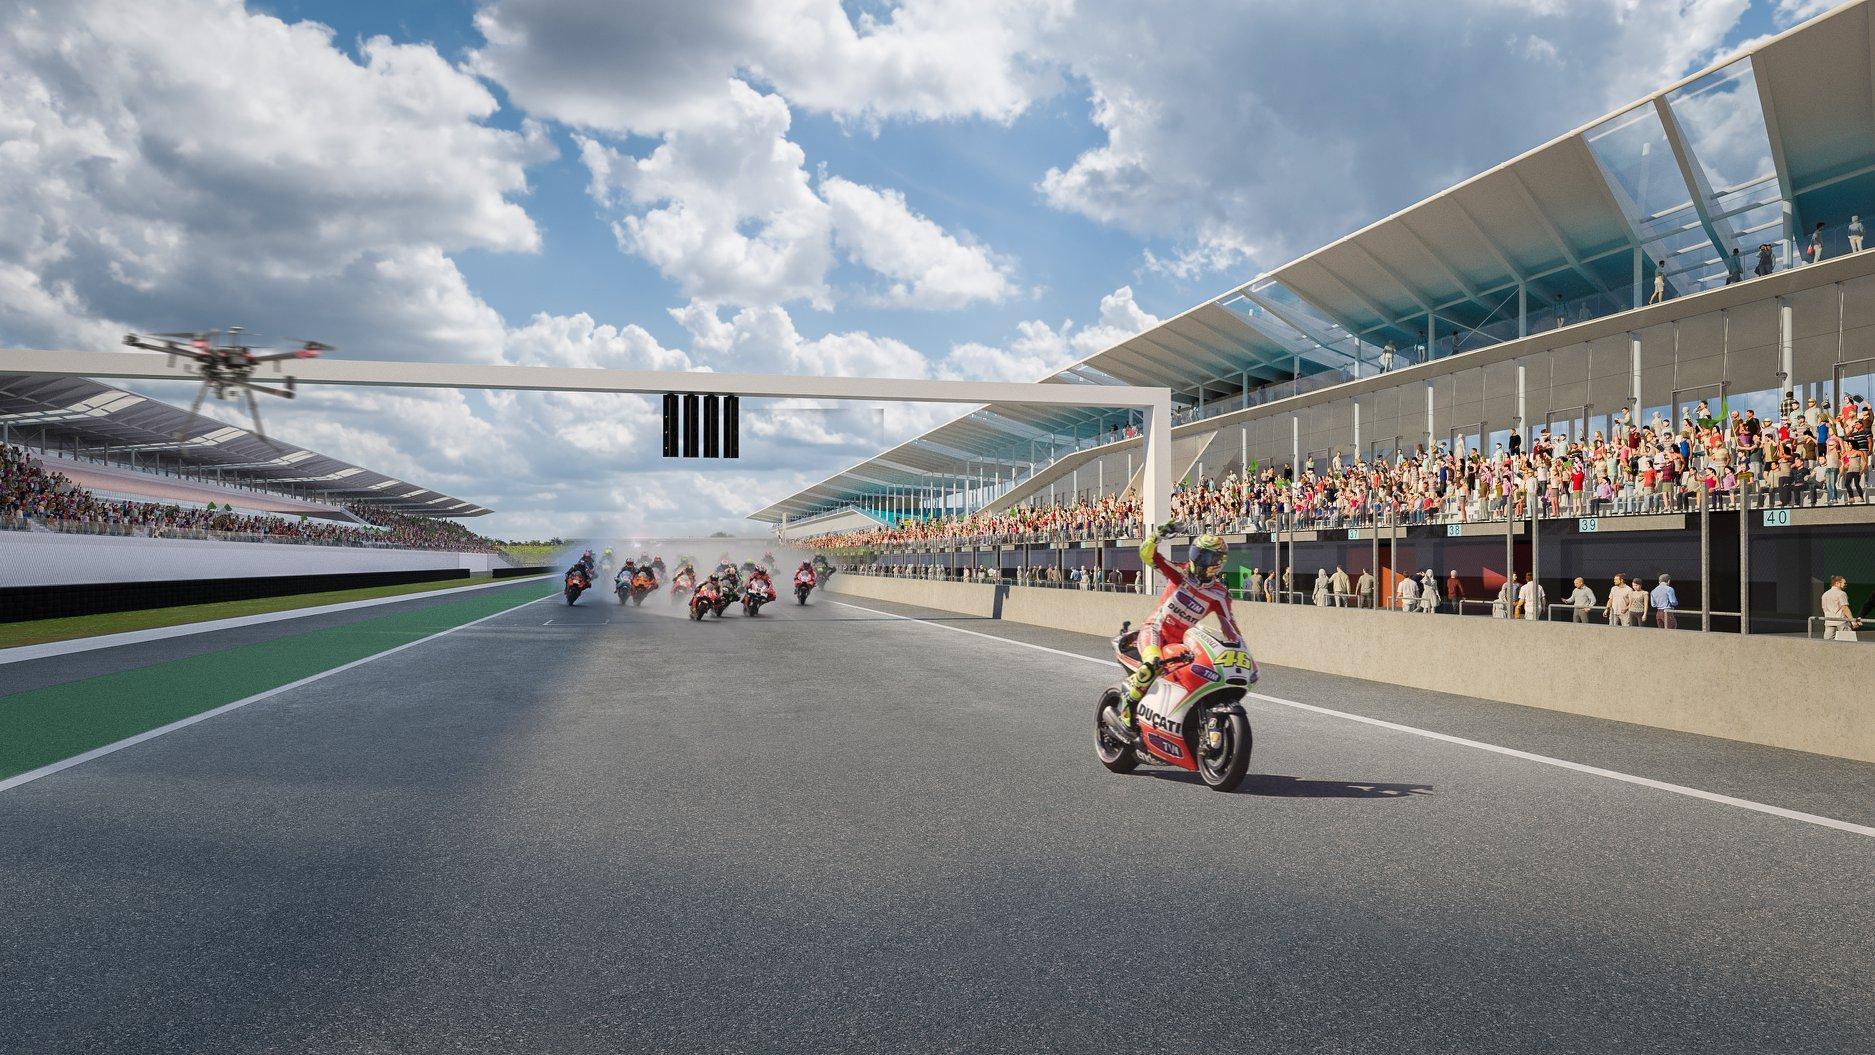 Megvan, ki nyerte a hajdúnánási MotoGP-tervpályázatot